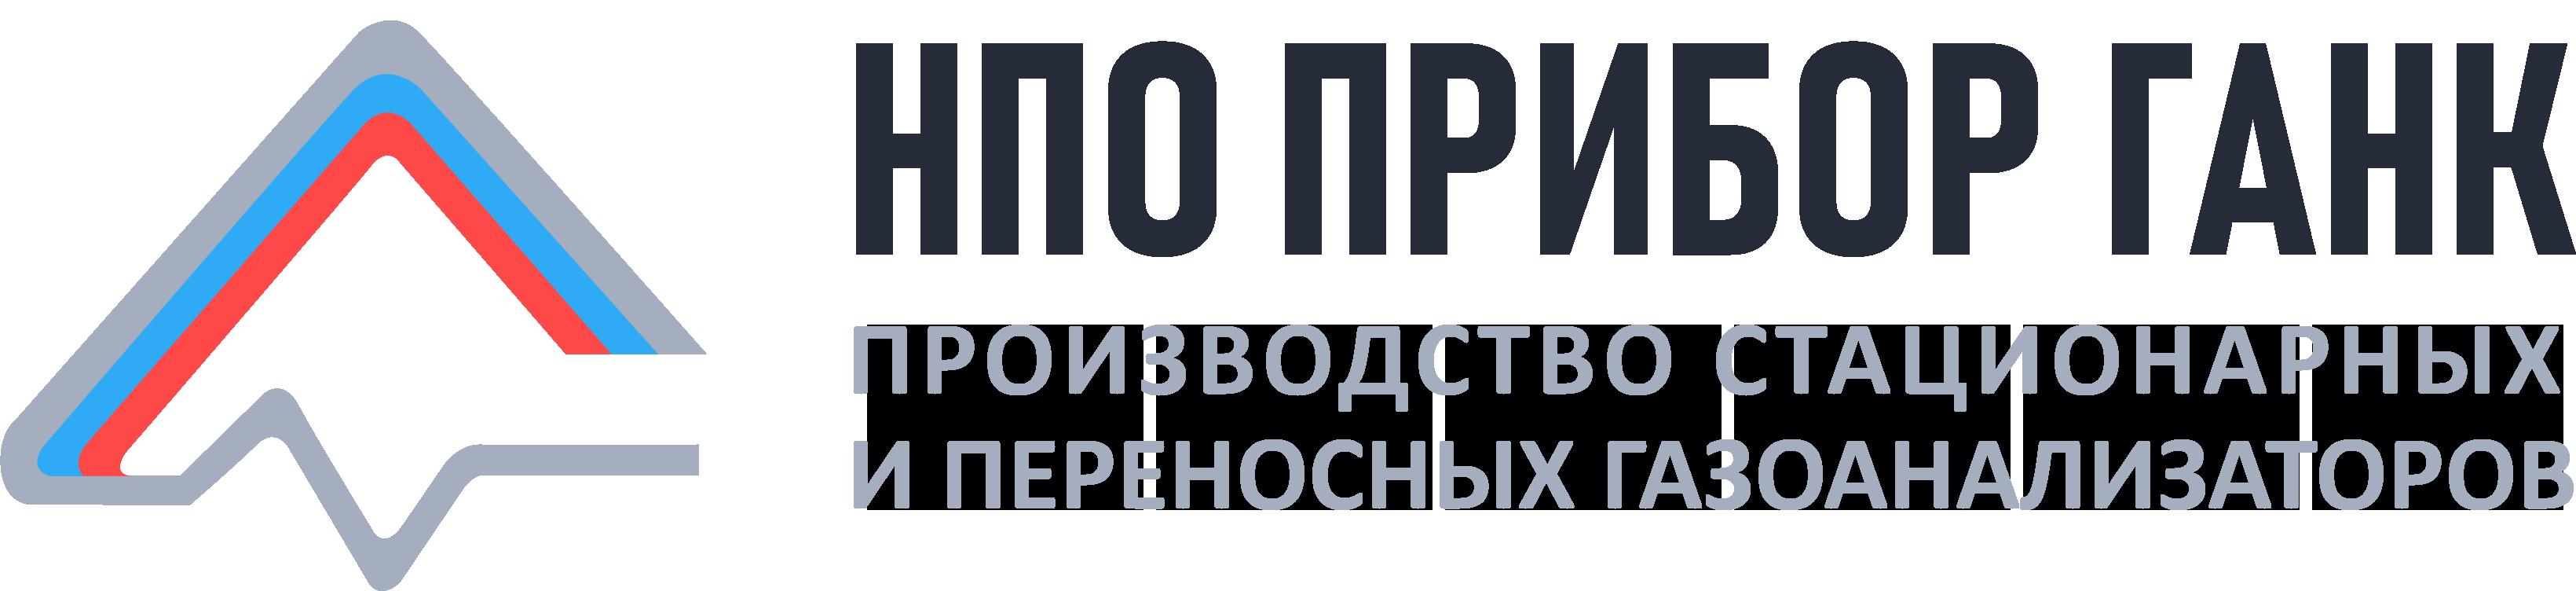 """ООО """"НПО """"ПРИБОР"""" ГАНК"""""""